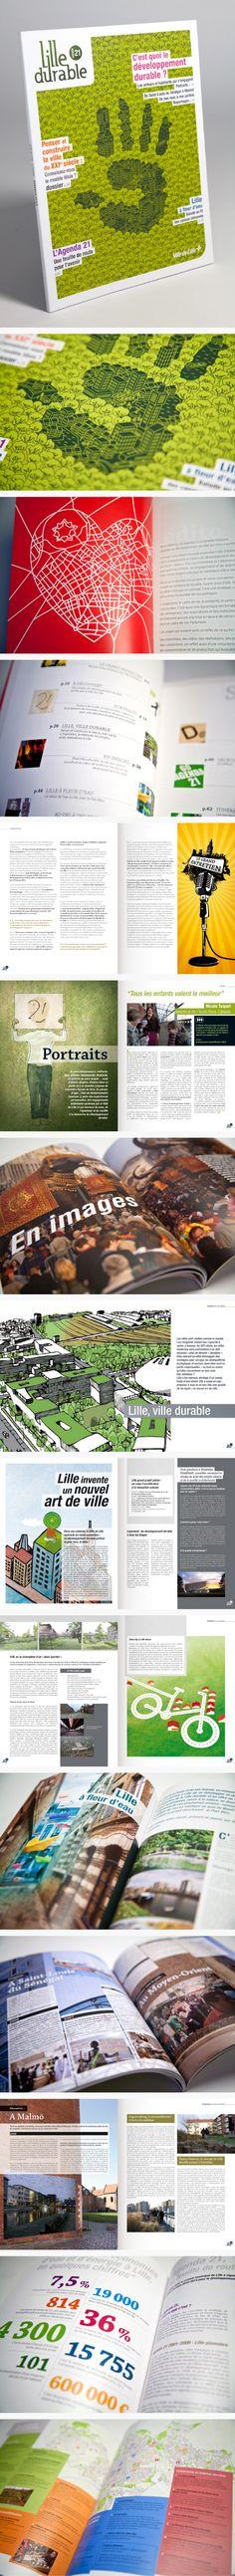 Ville de Lille : Lille Durable - Agenda 21 © Sous Tous les Angles